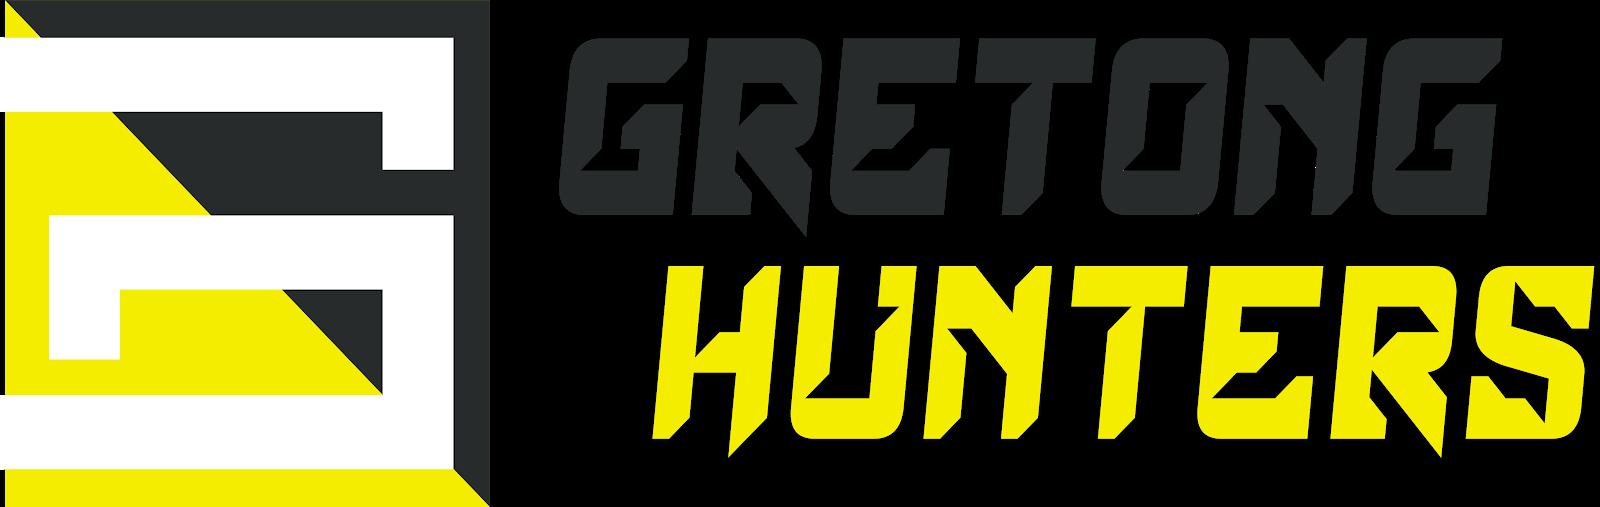 Gretong Hunter